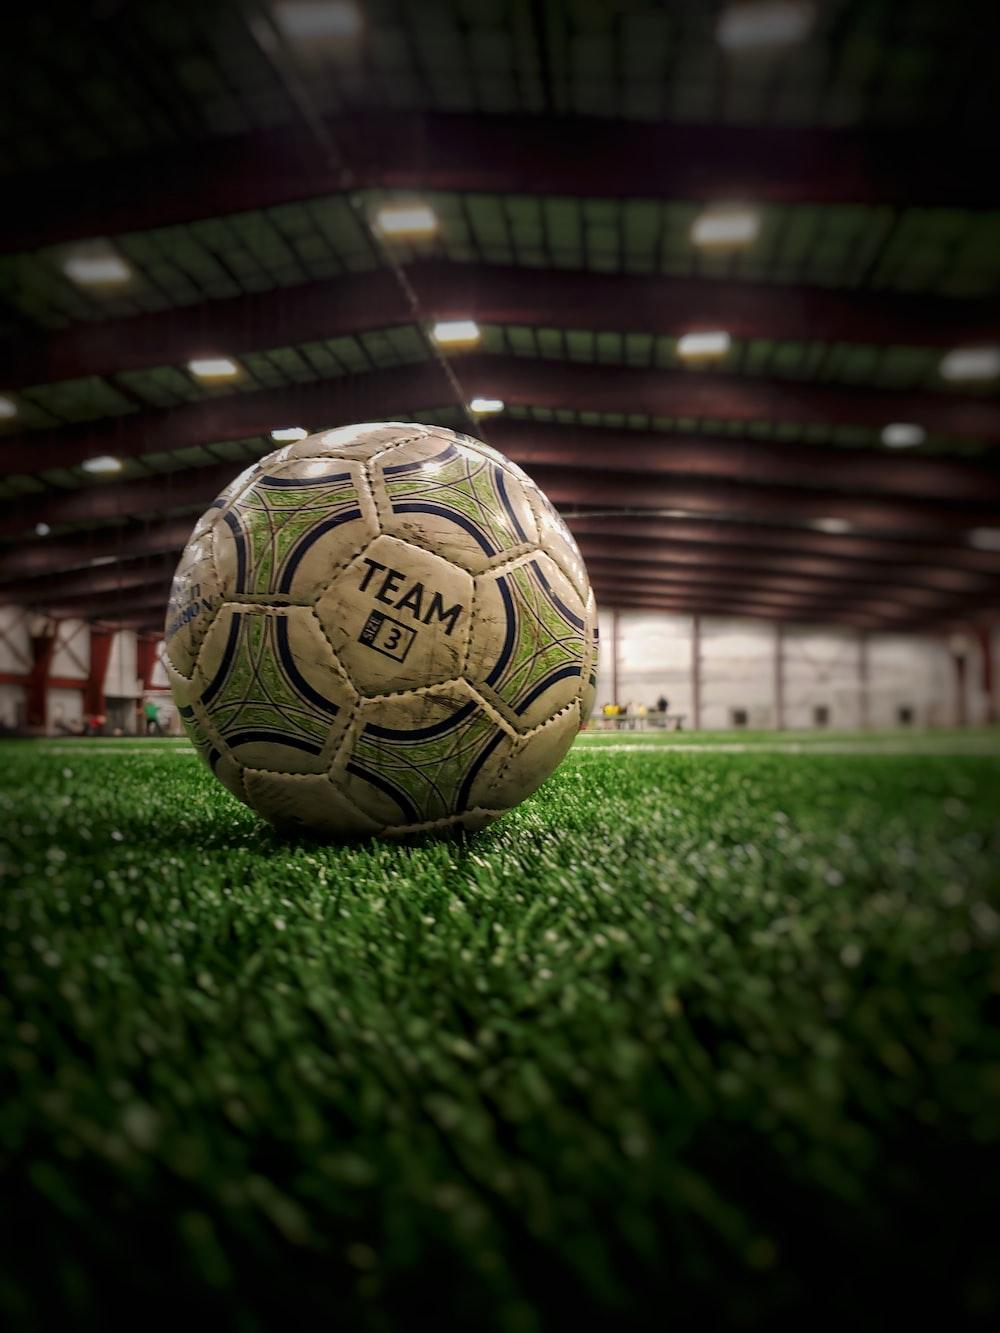 white soccer ball on green grass field